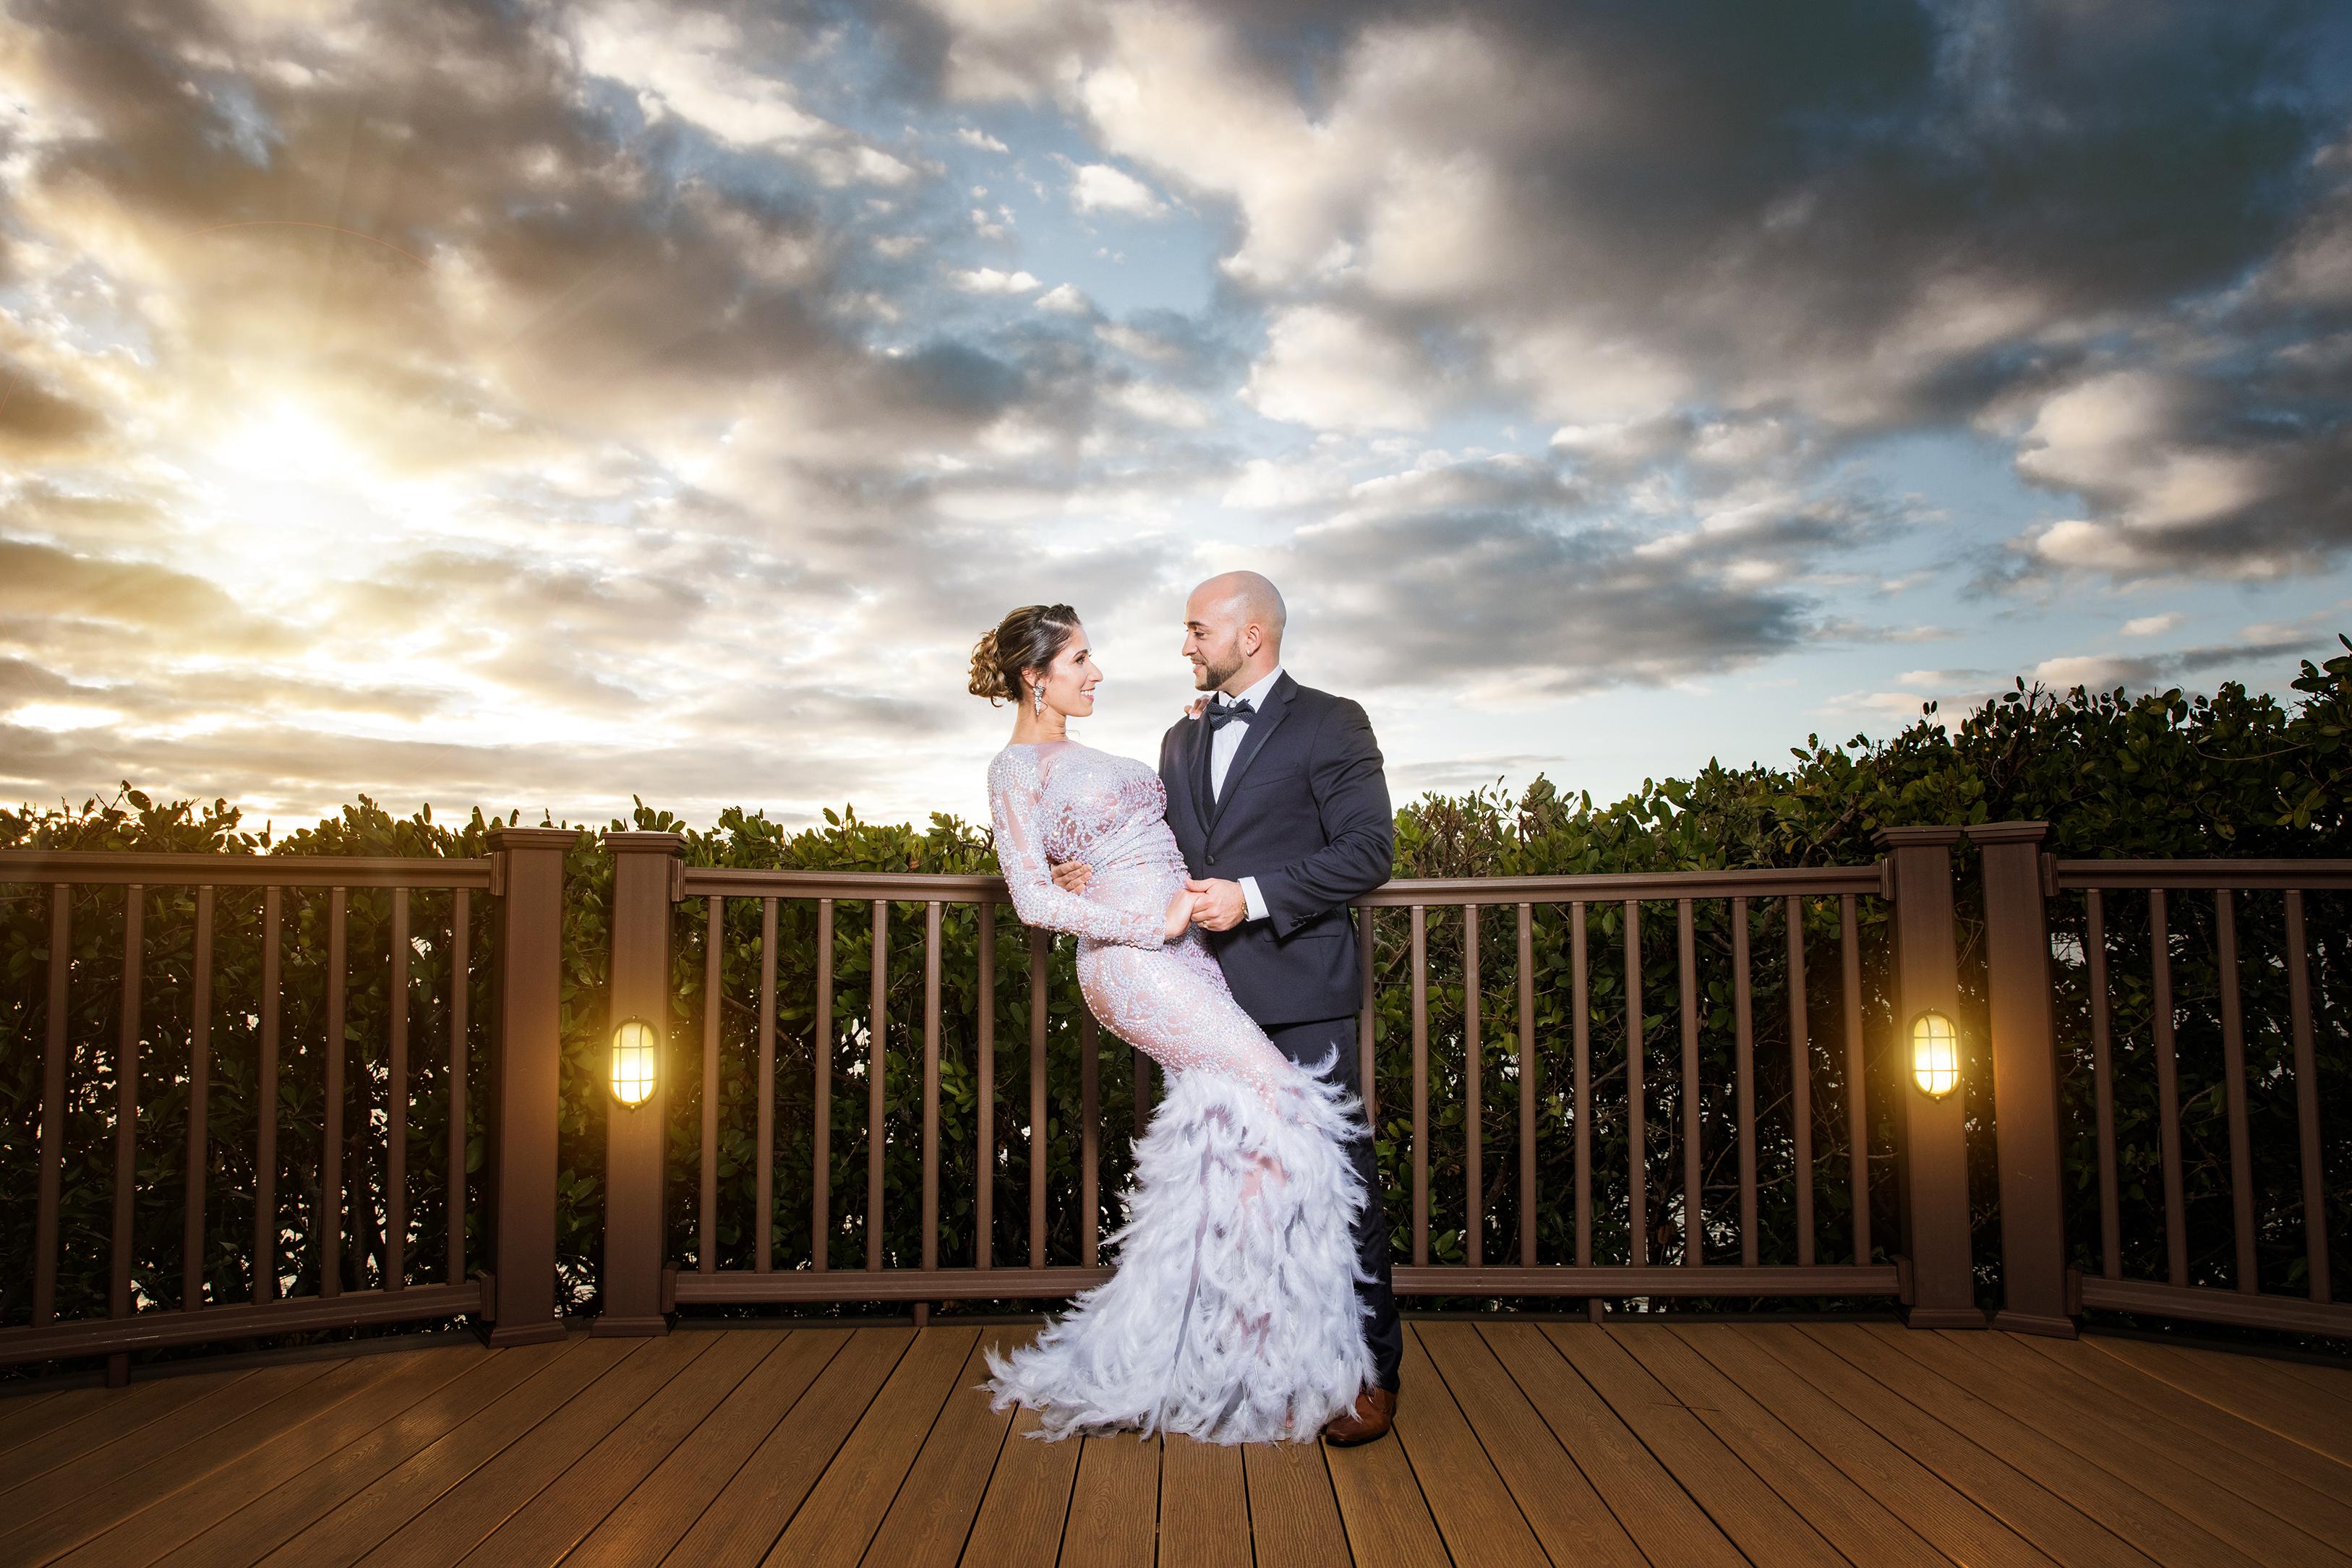 DBatista Photography Robert and Gio Post Wedding Session Tampa Crystal Ballroom Wedding Photographer